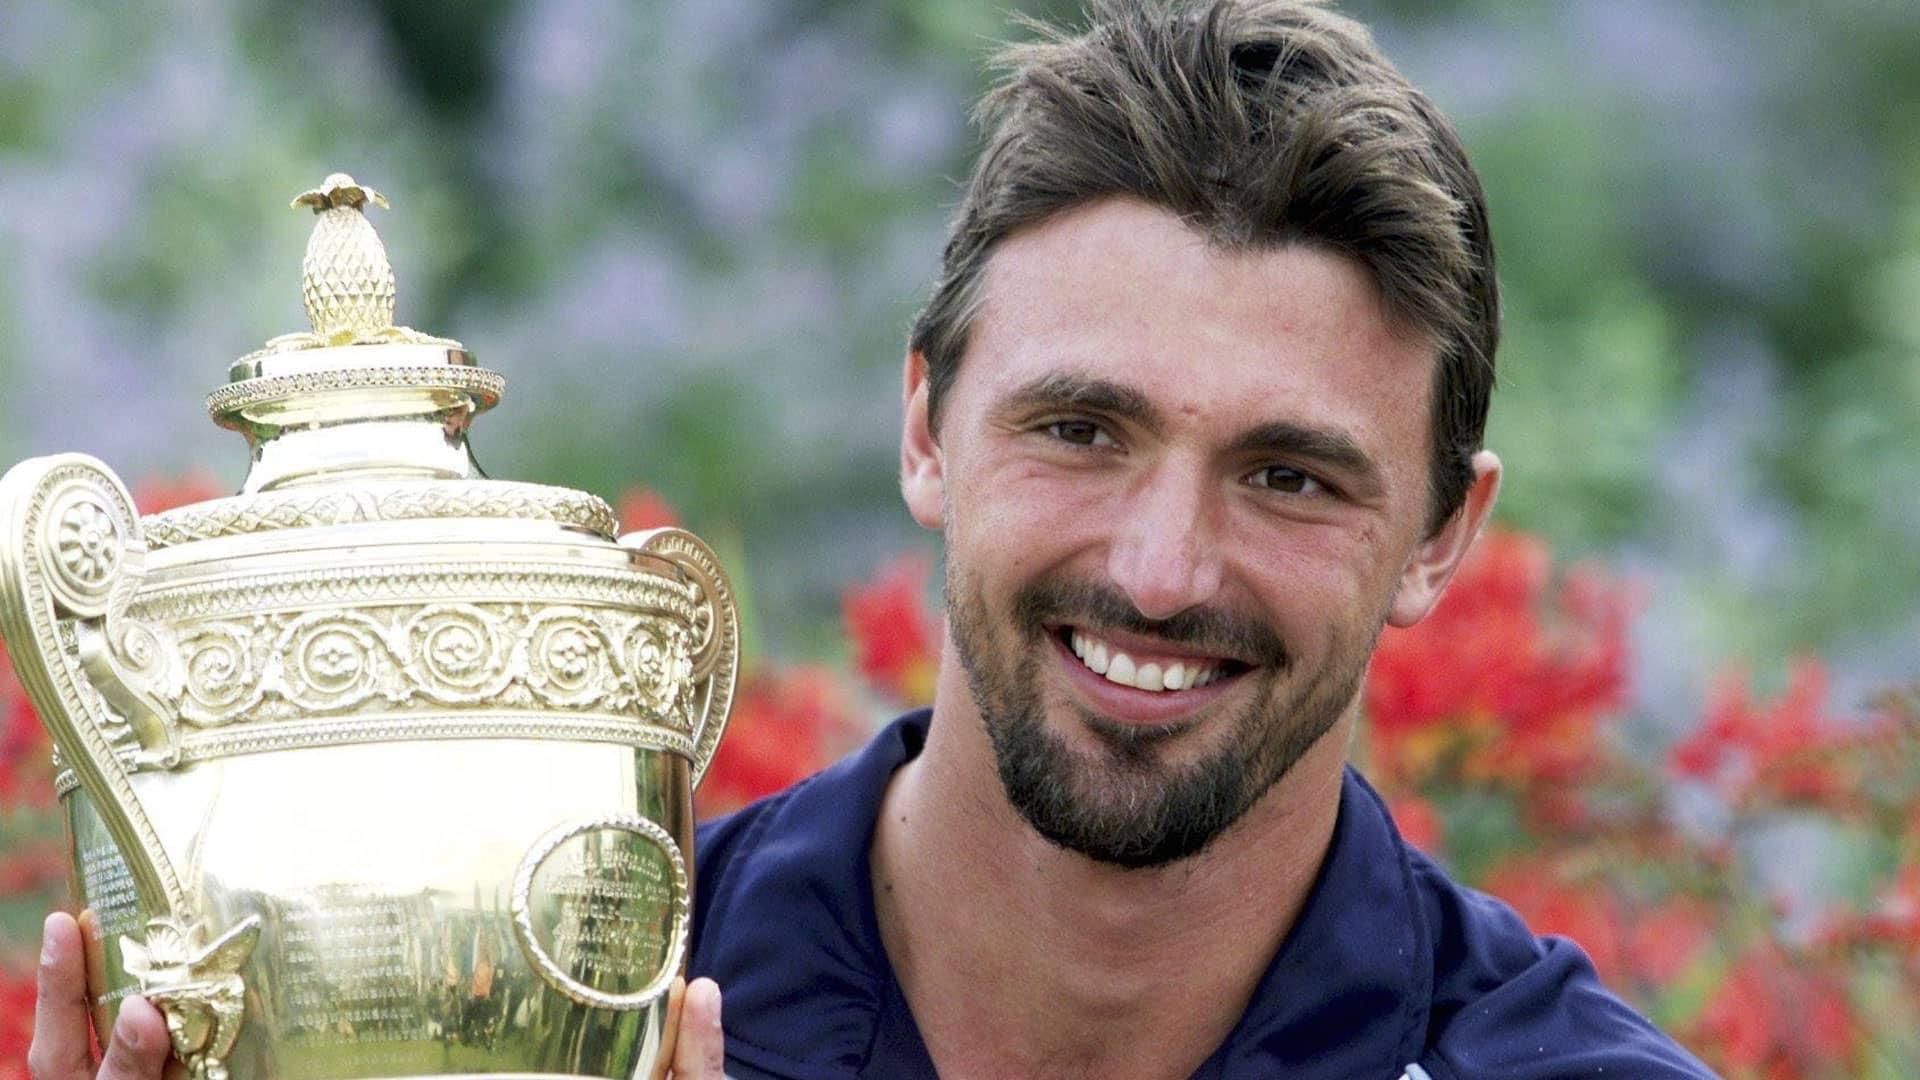 Goran Ivanisevic at 2001 Wimbledon